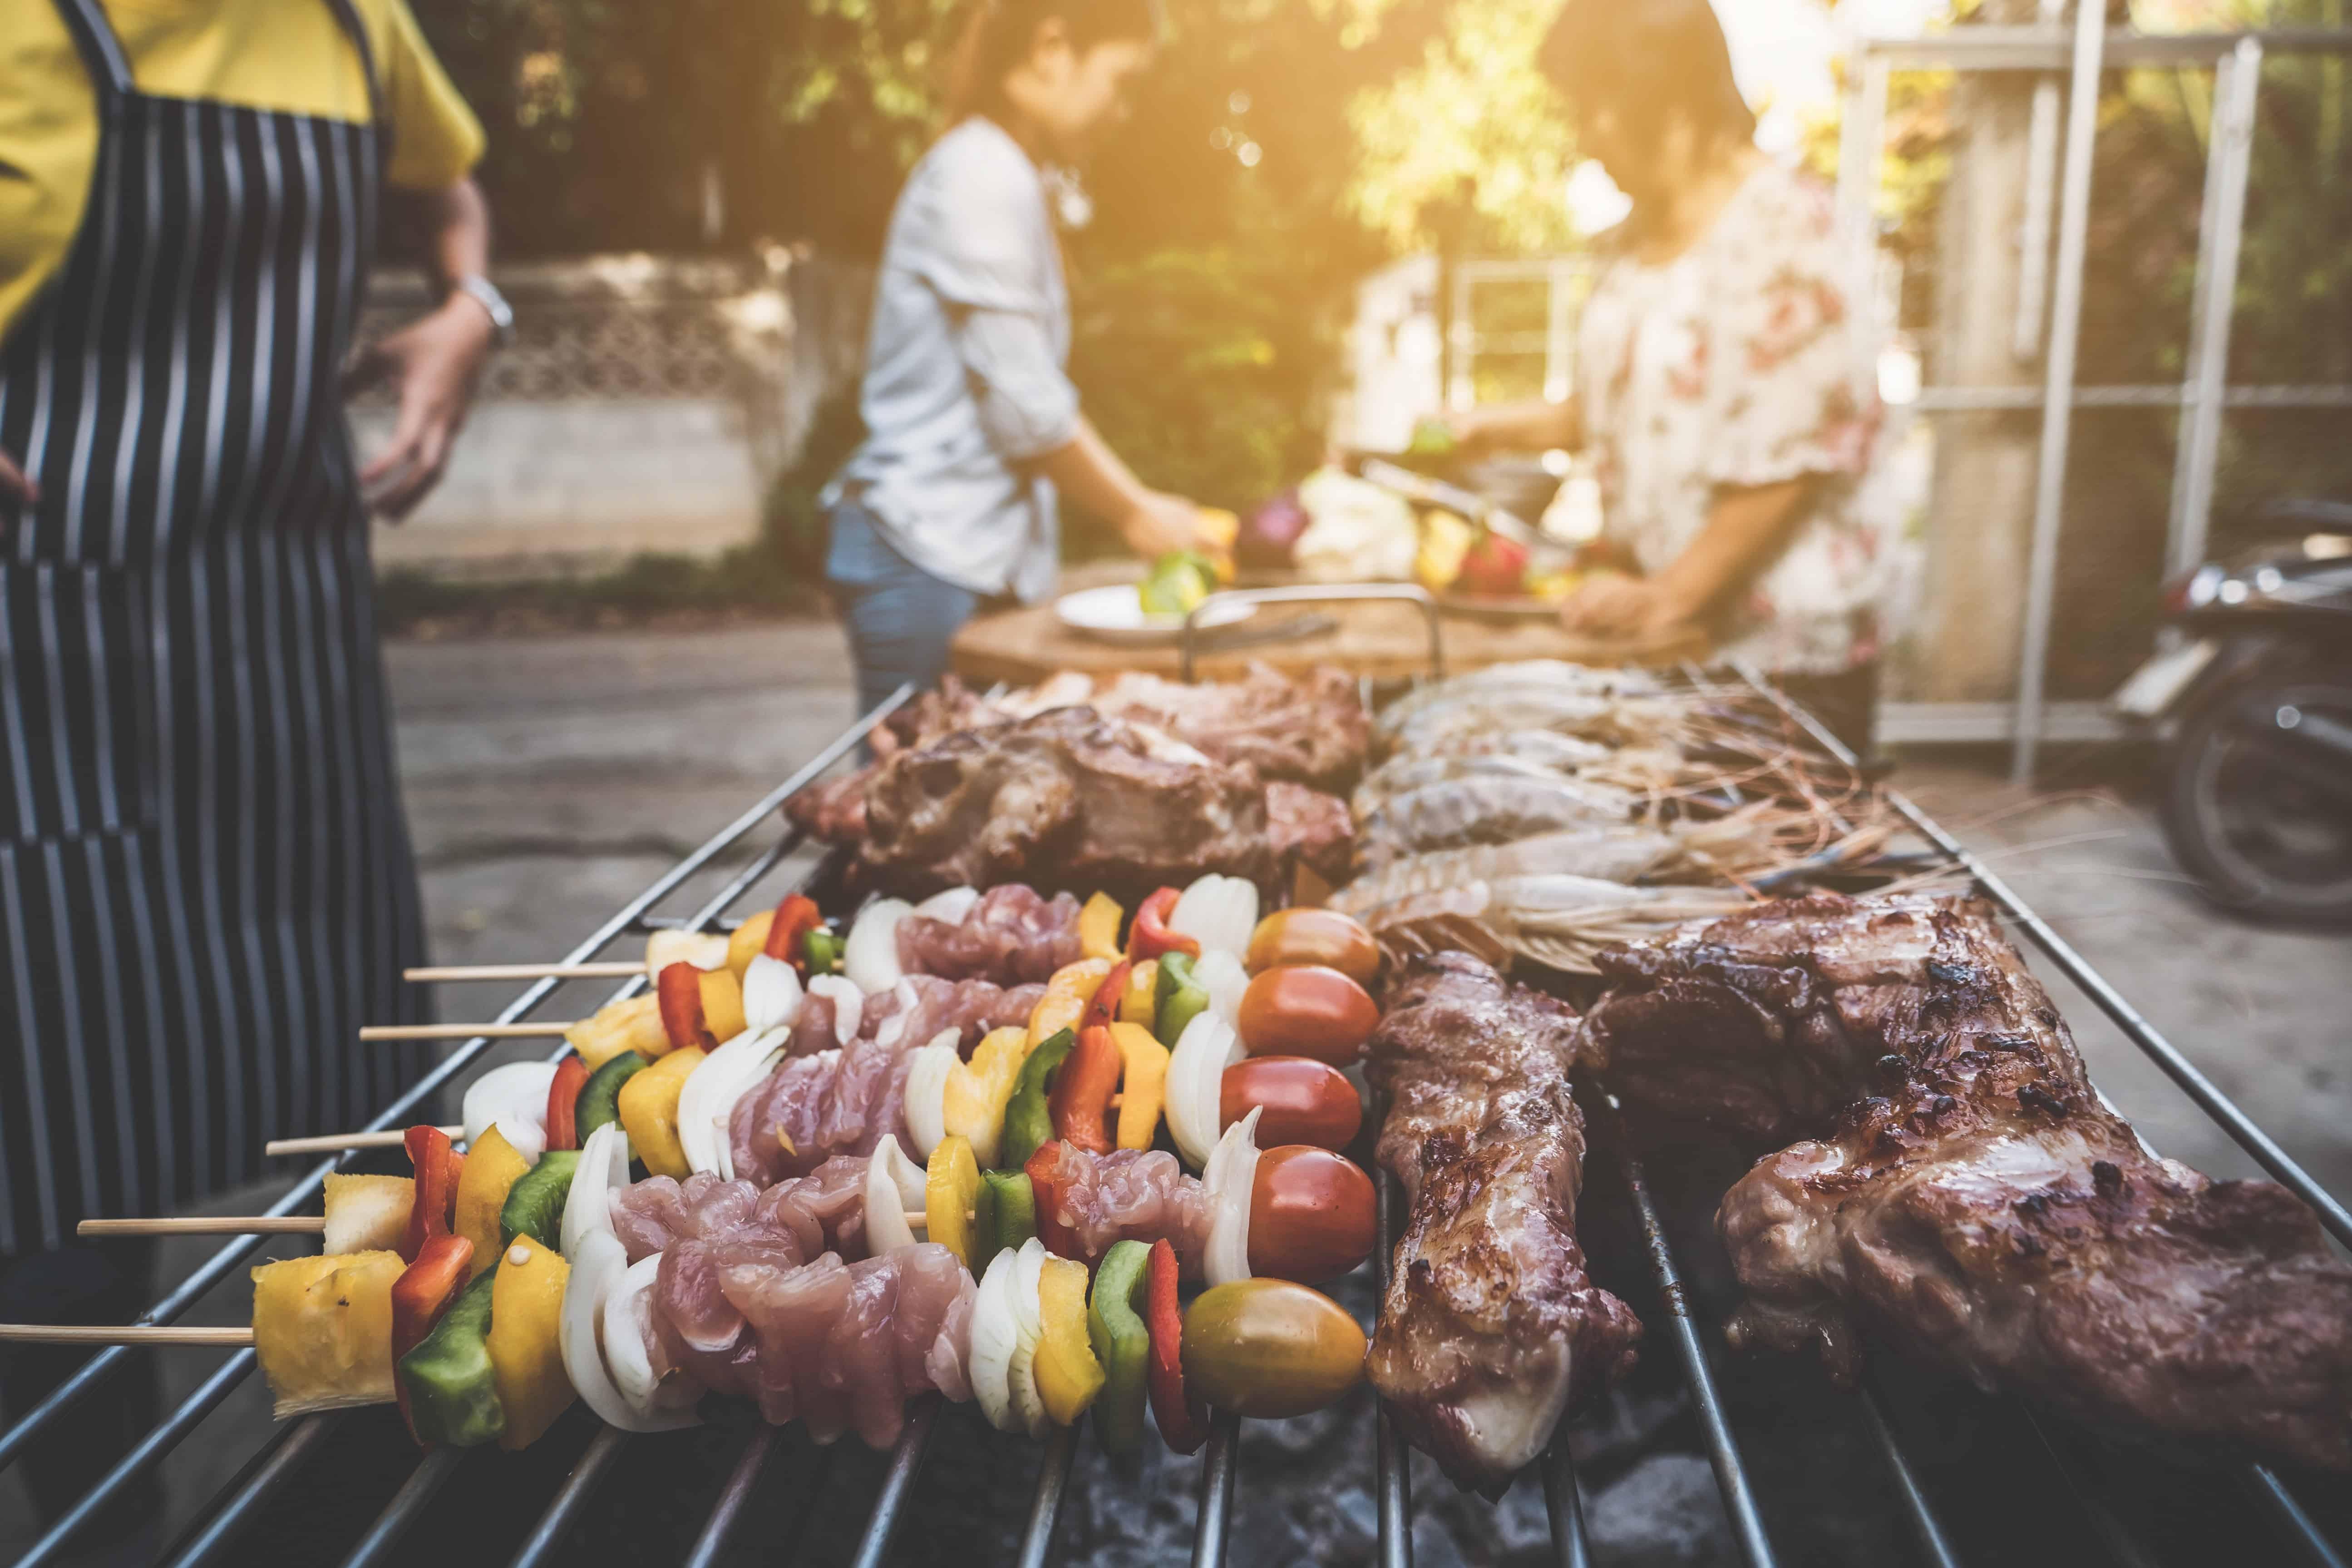 BBQ COMPLEET ZOMER PAKKETTEN